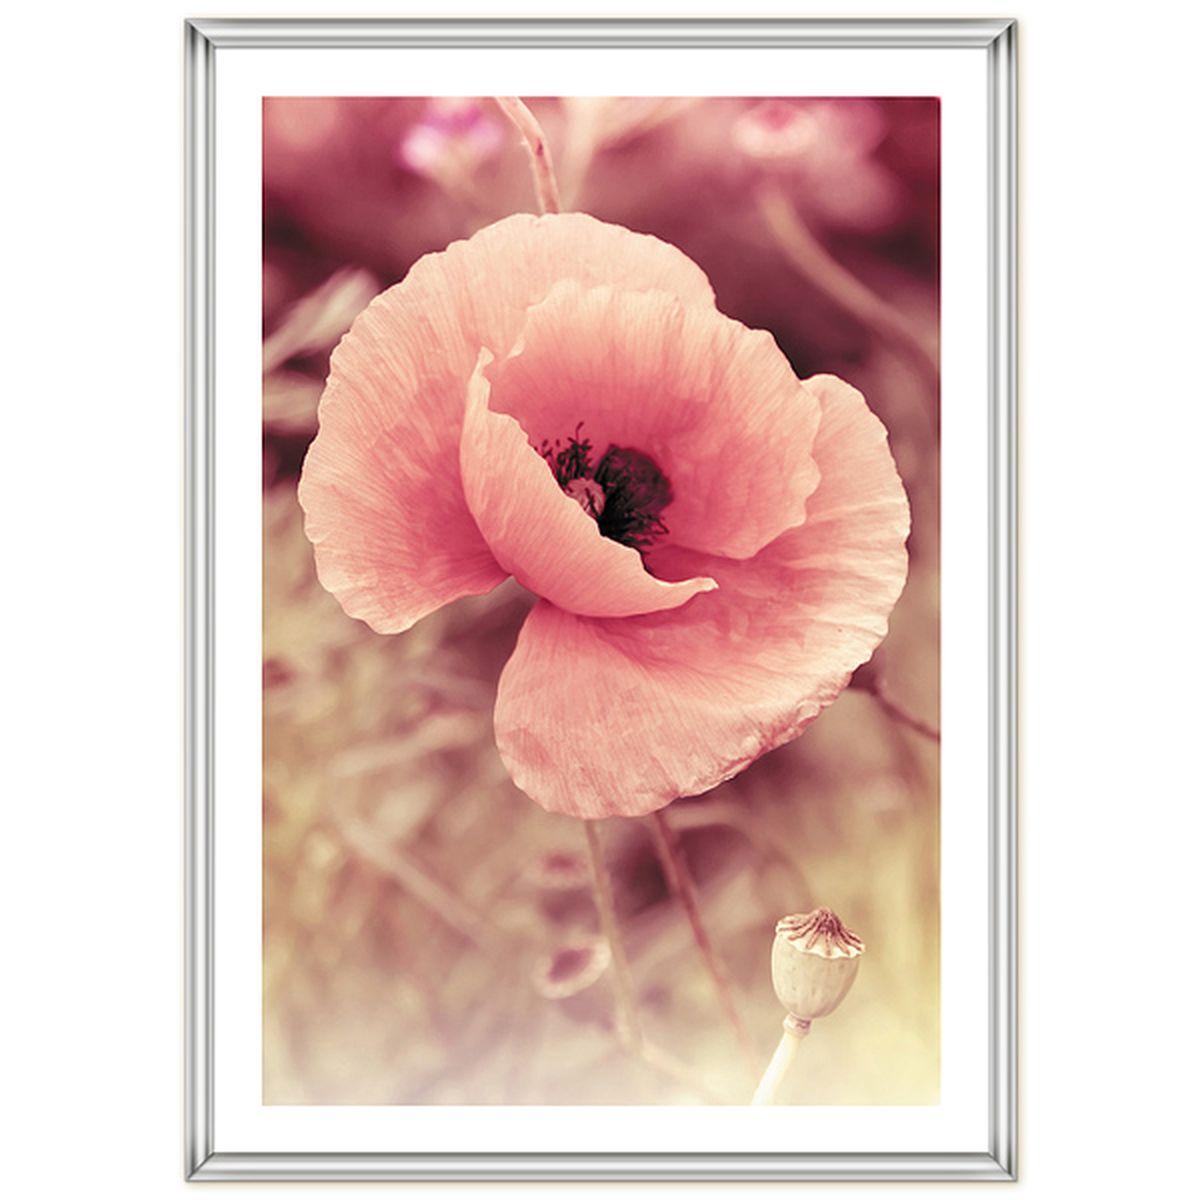 Фоторамка Pioneer Poster Silver, 40 x 50 смТР 5142Рамка для фото формата 40х50 см.Материал: пластик.Материалы, использованные в изготовлении рамок, обеспечивают высокое качество хранения Ваших фотографий, поэтому фотографии не желтеют со временем.